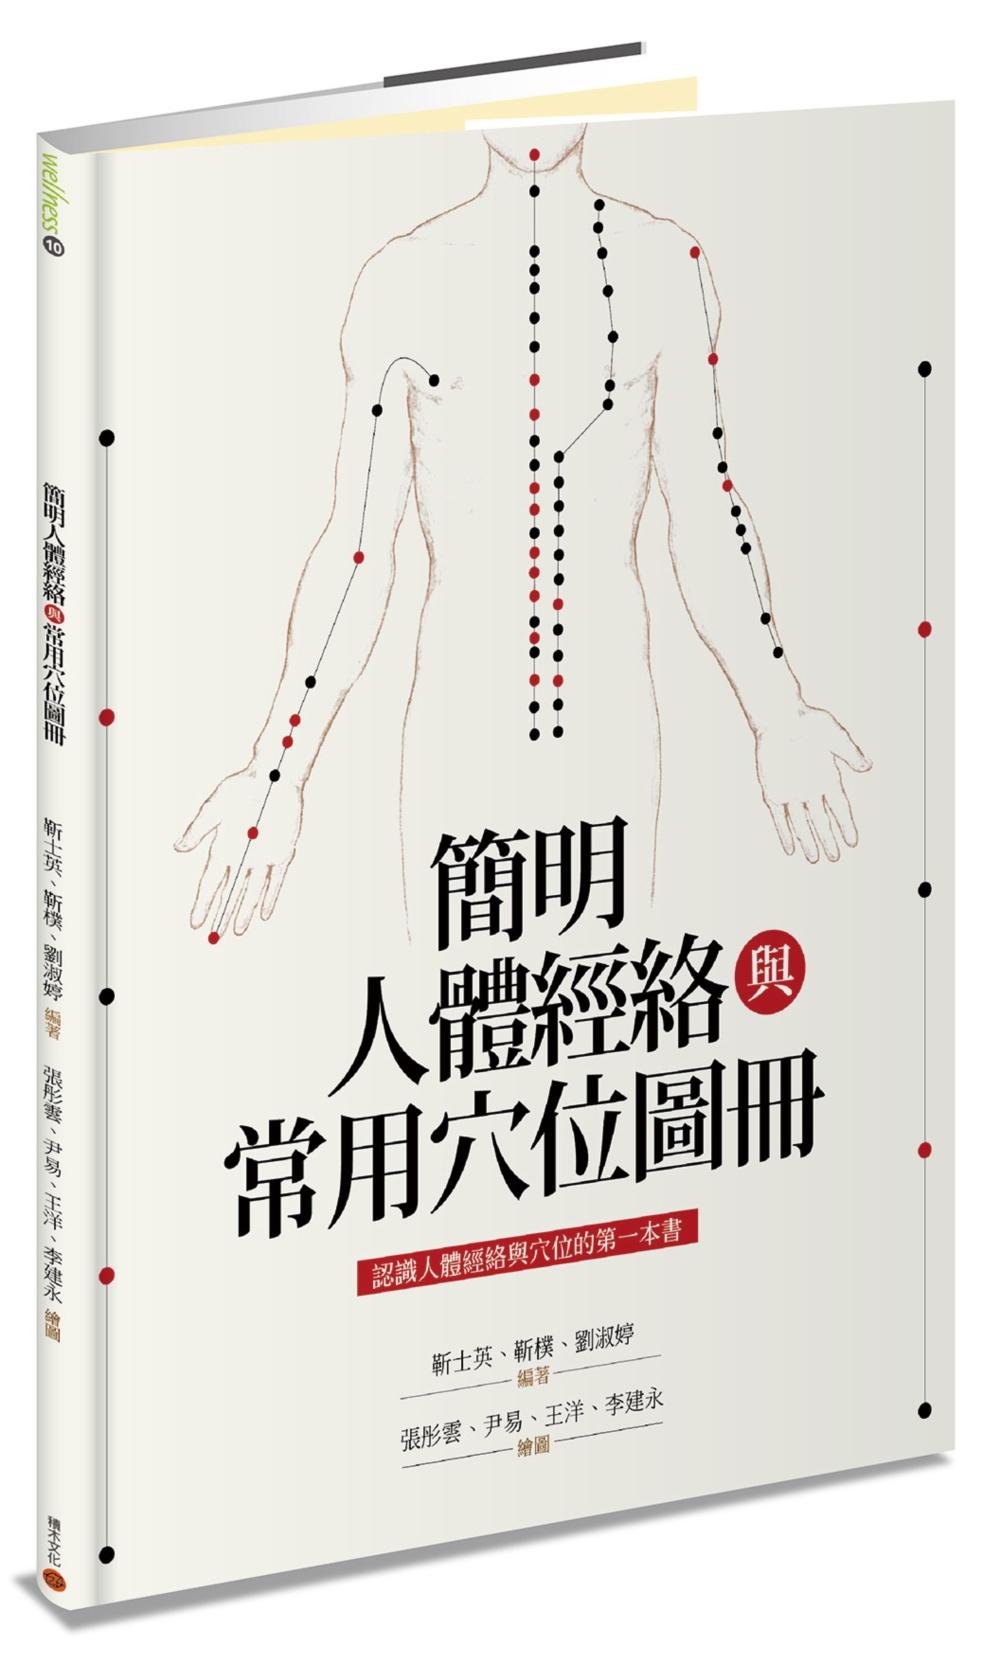 簡明人體經絡與常用穴位圖冊